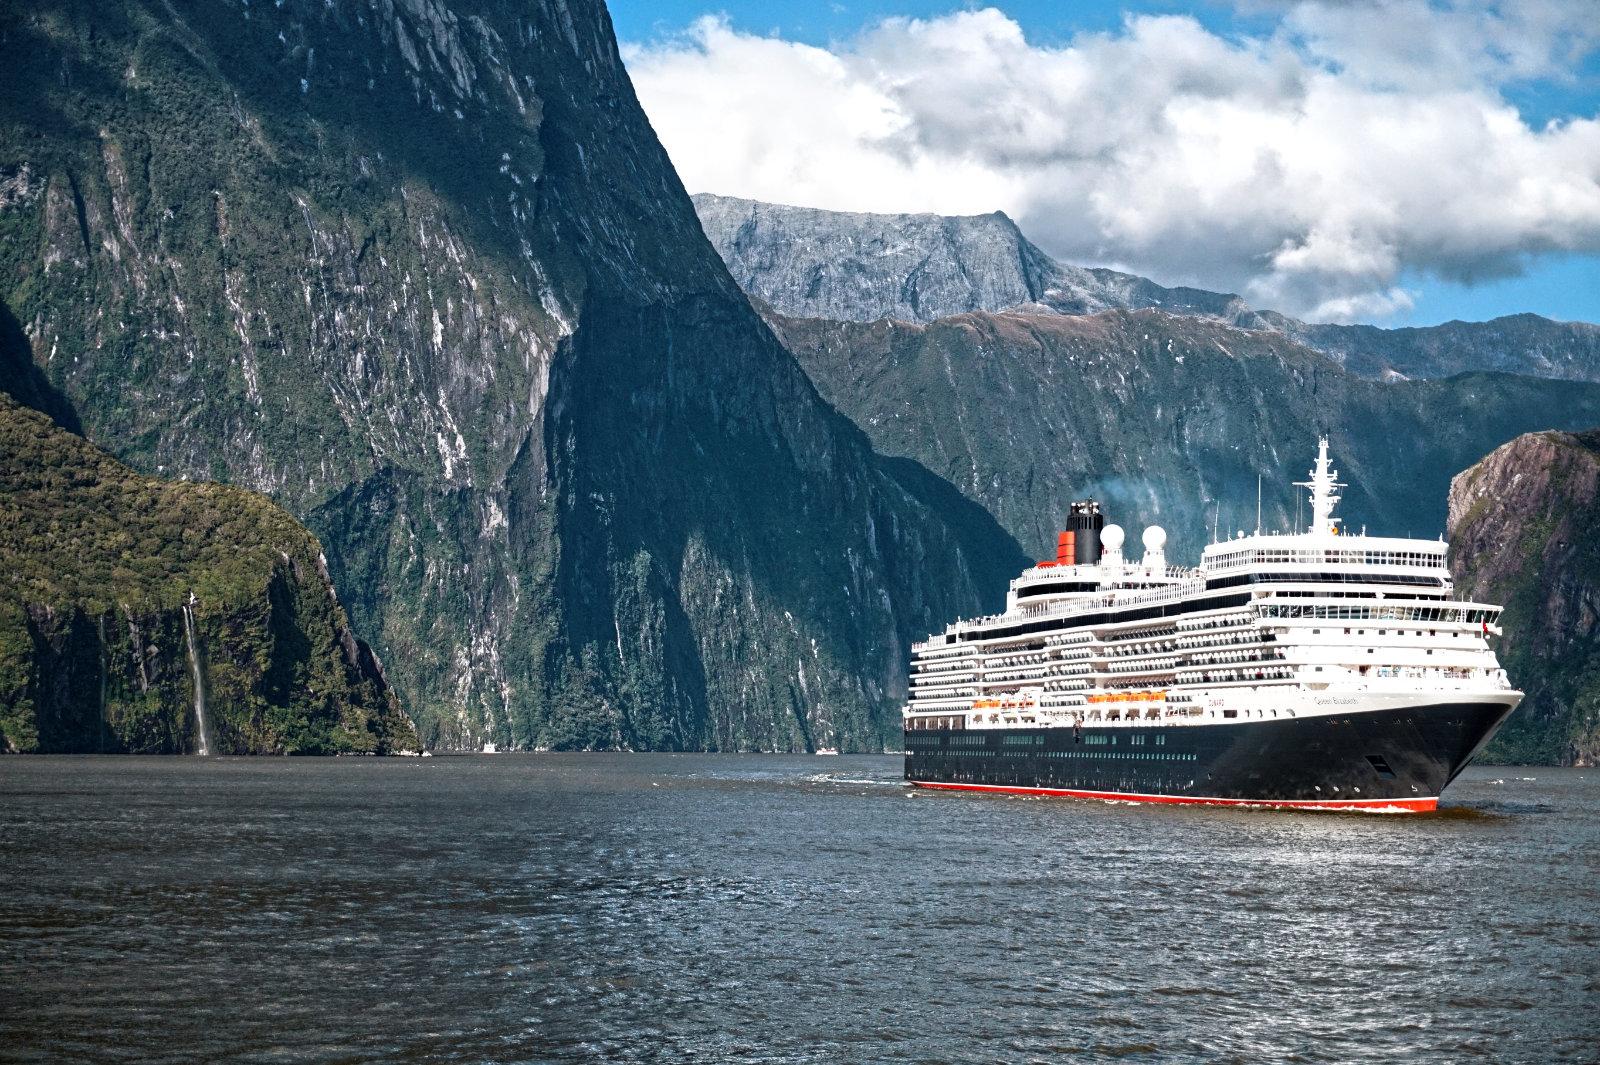 Kreuzfahrtschiff im Milford Sound